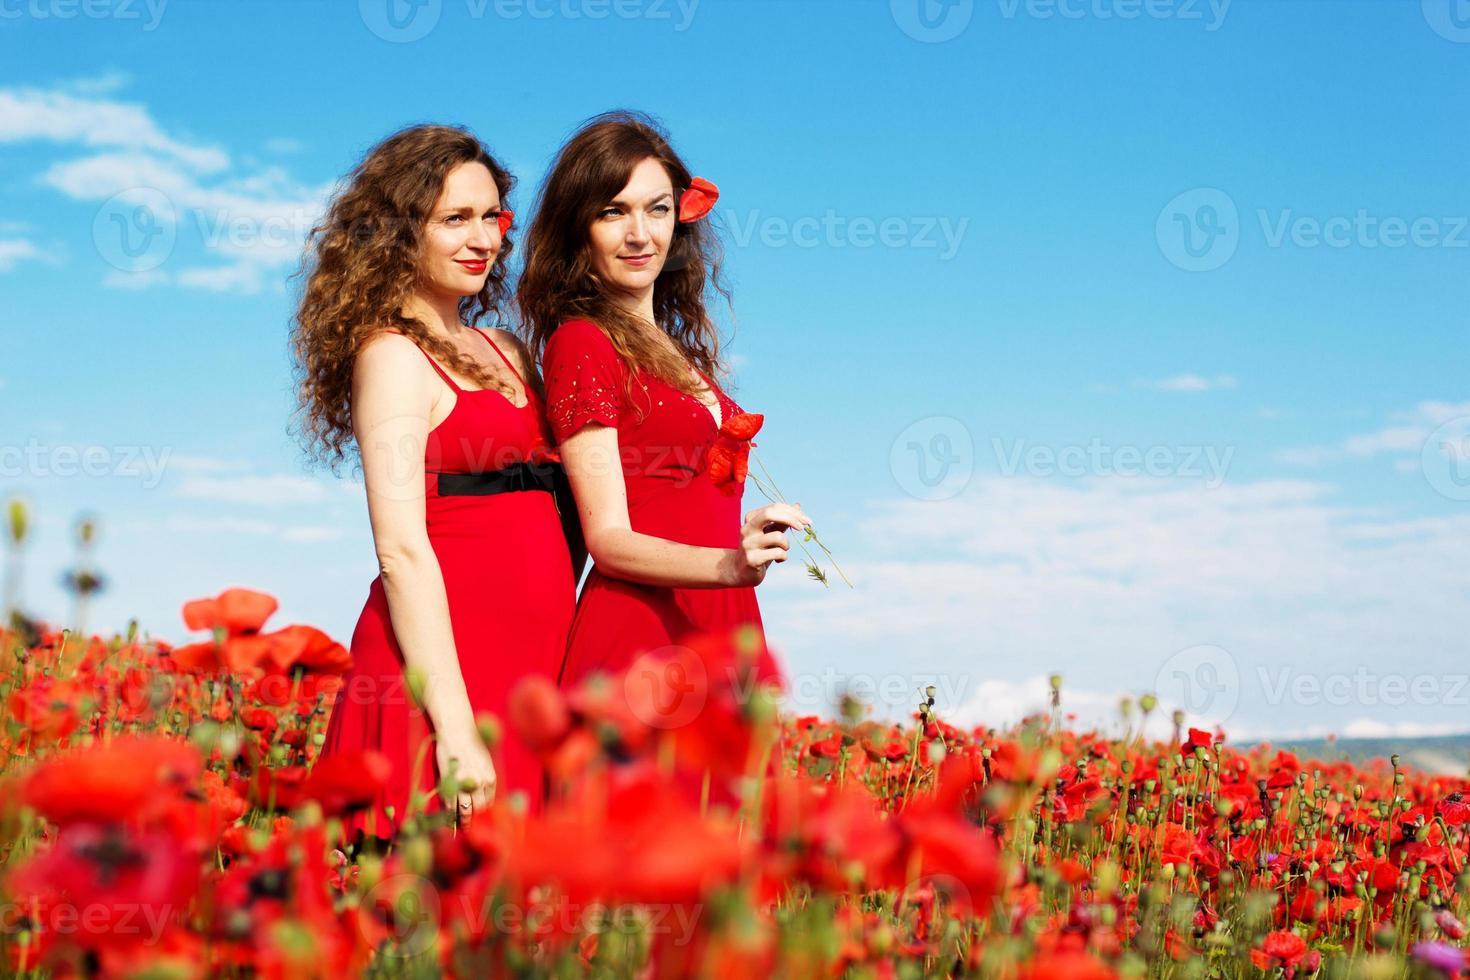 twee jonge vrouwen spelen in papavers veld foto